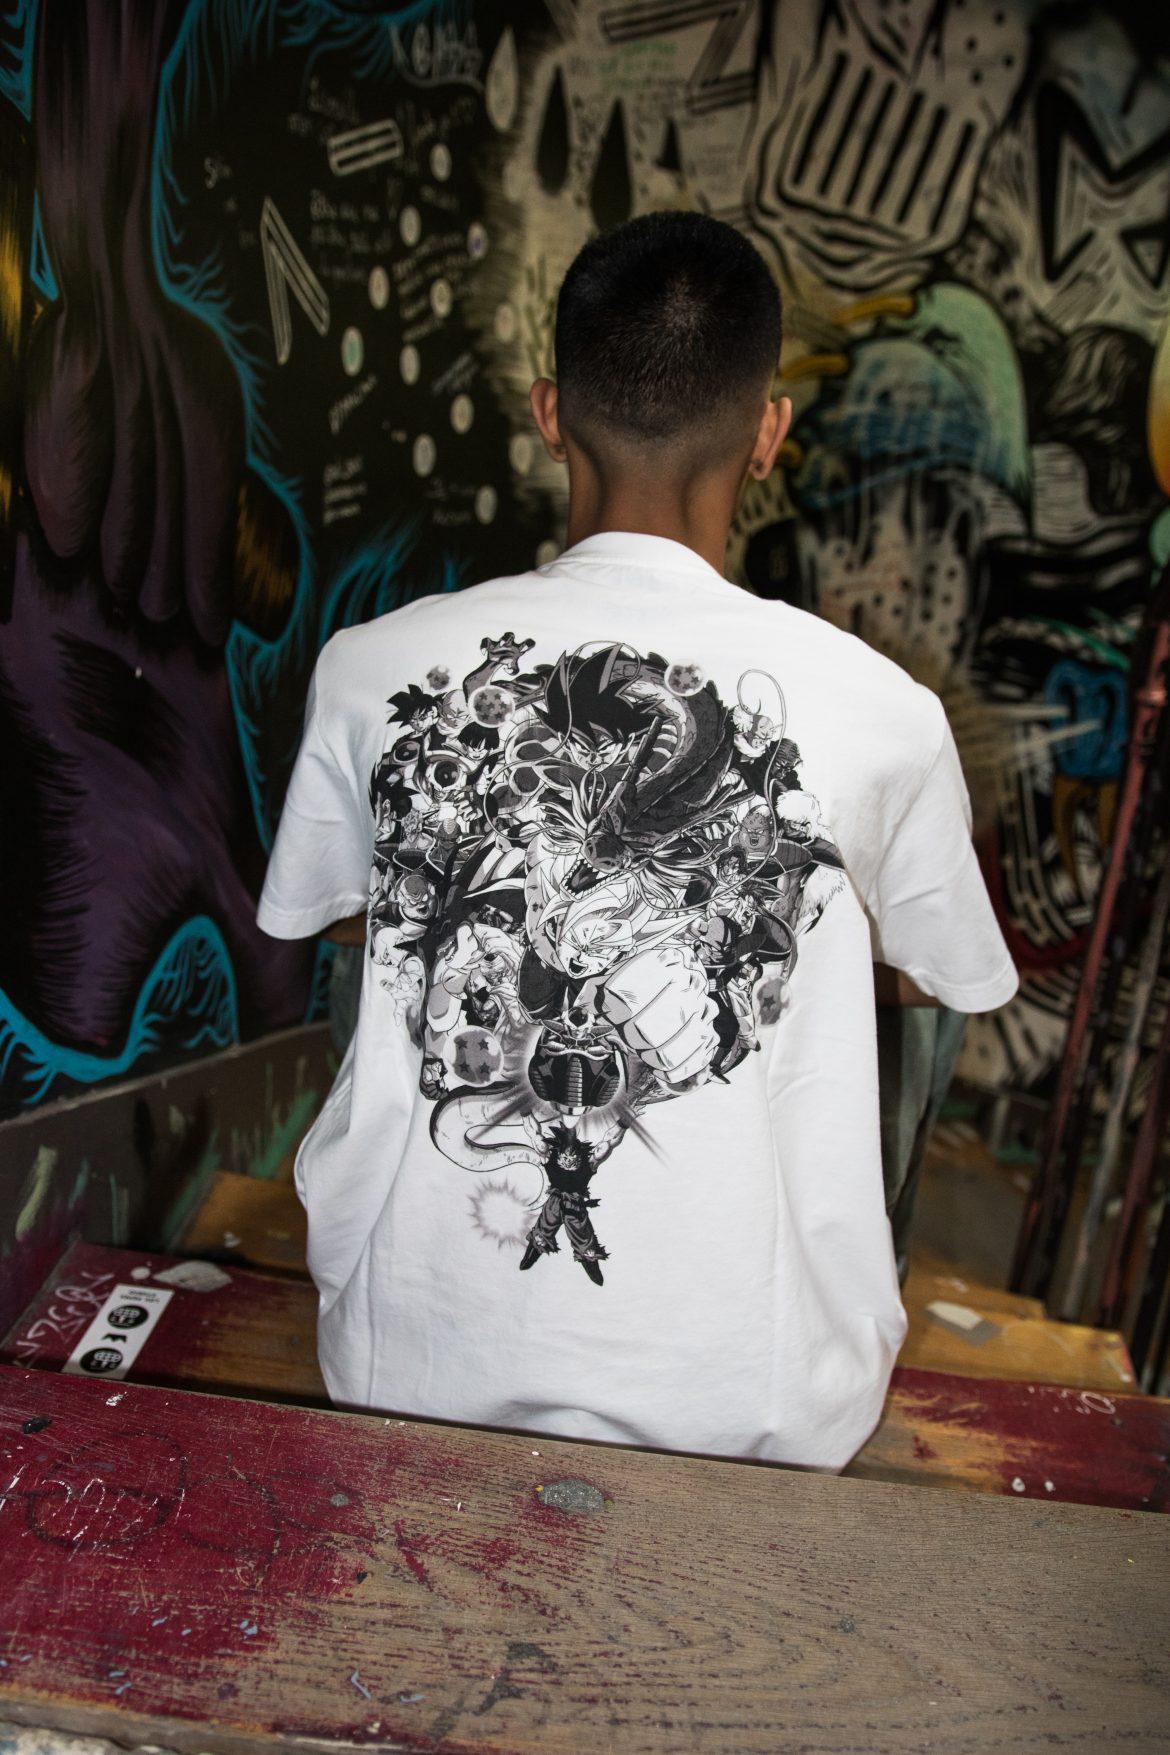 un mannequin porte des t-shirts de la collection Uniqlo Dragon Ball Z